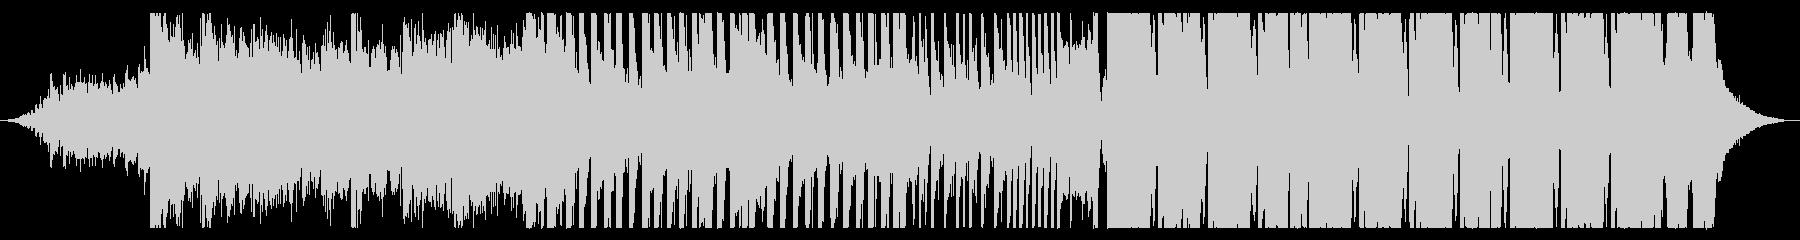 クールでエッジーな最新EDMサウンド!の未再生の波形